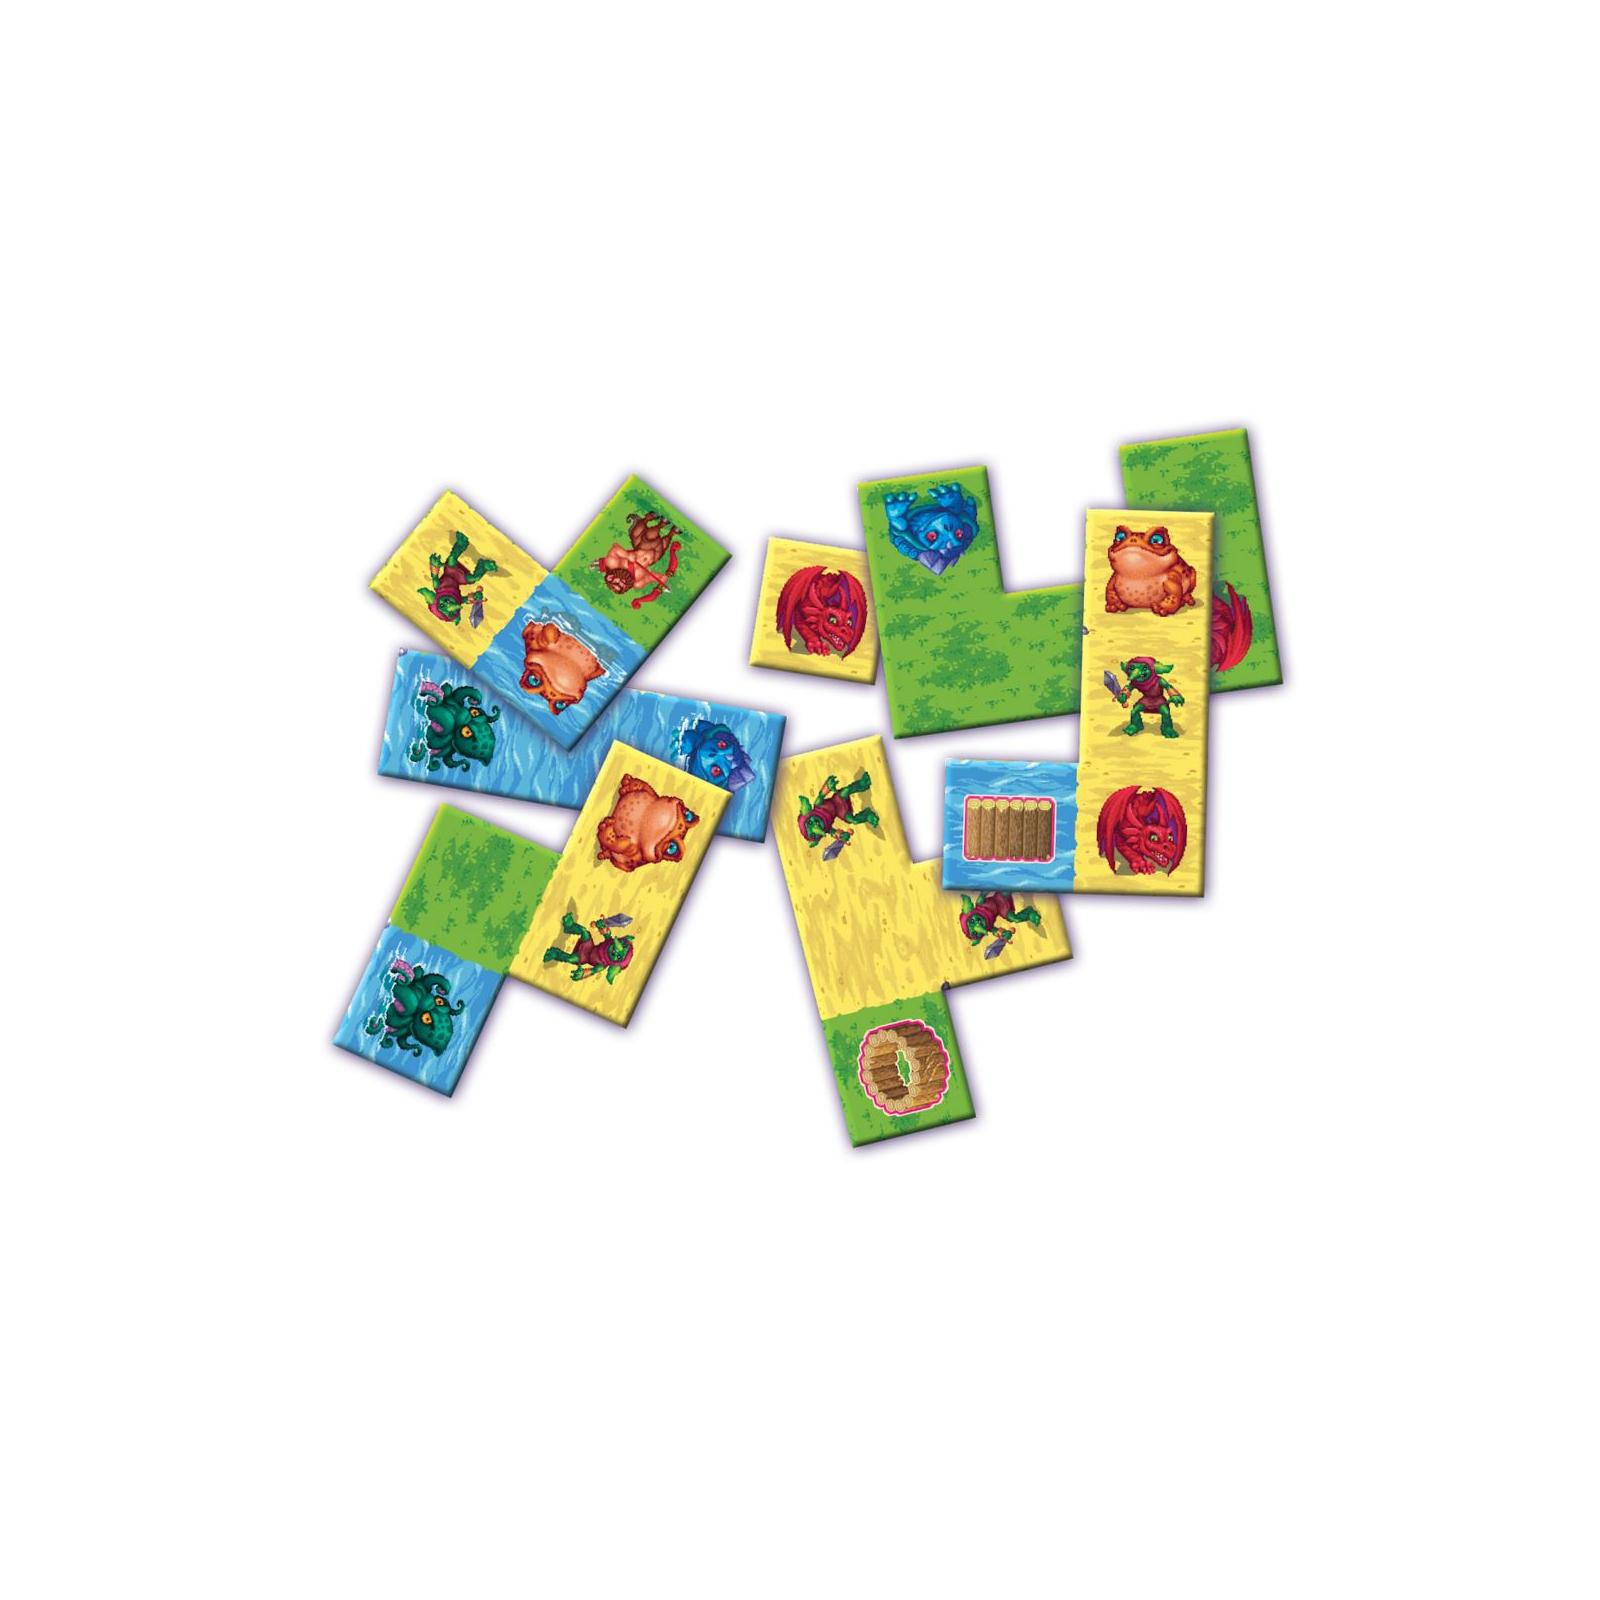 Настольная игра Hobby World Cutterland. Класика 10+ (915197) изображение 2